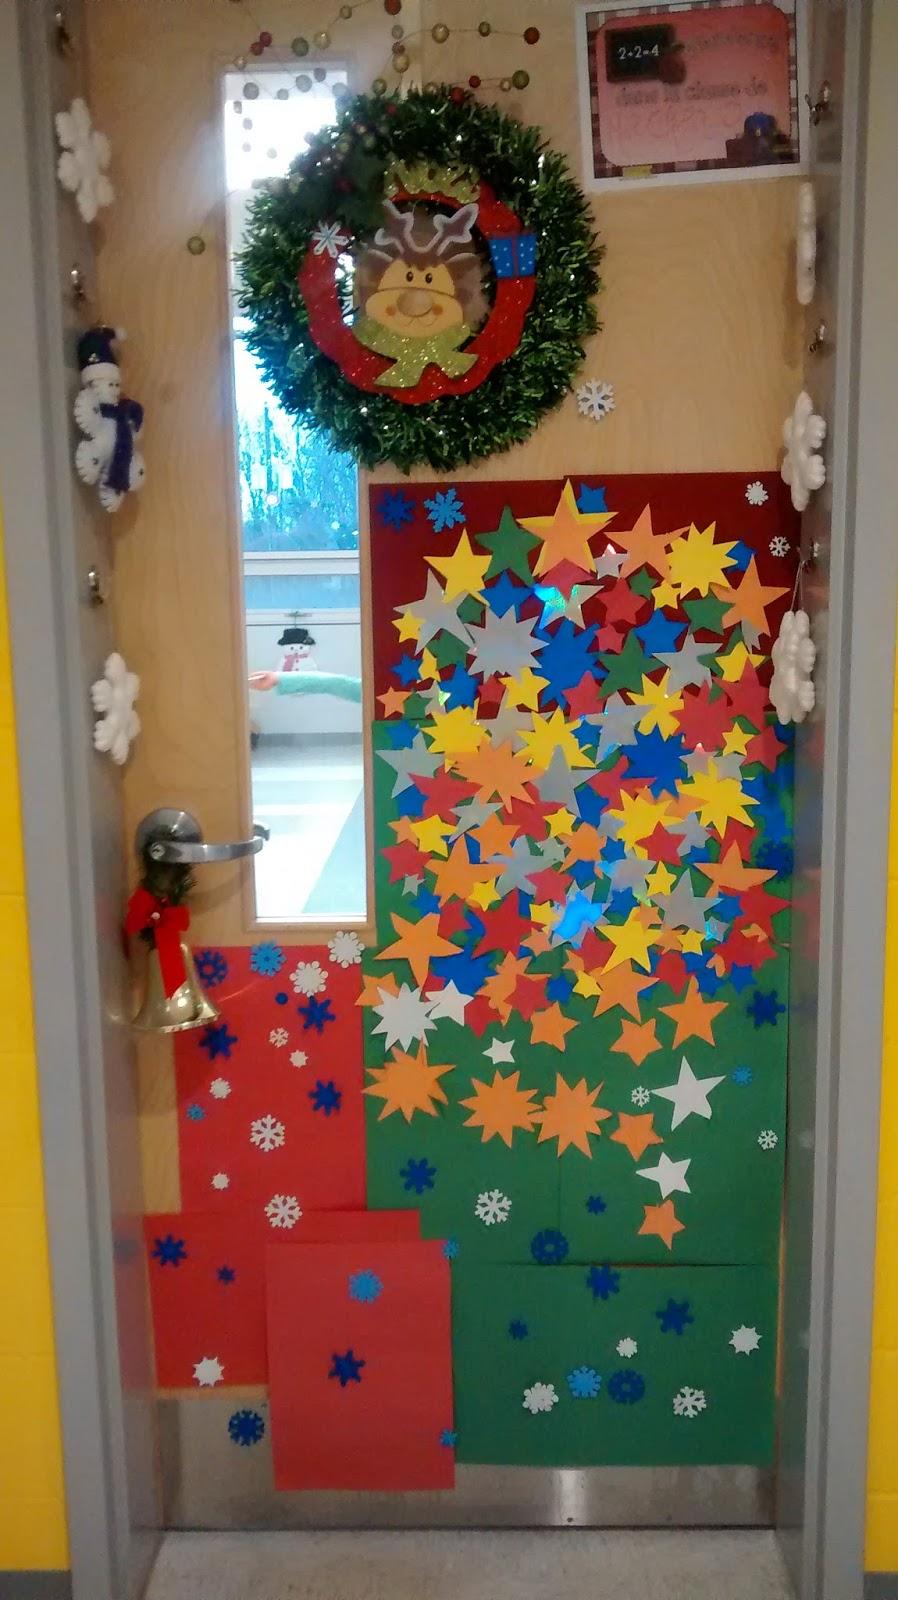 La maternelle de francesca concours d coration de porte for Decoration porte novembre